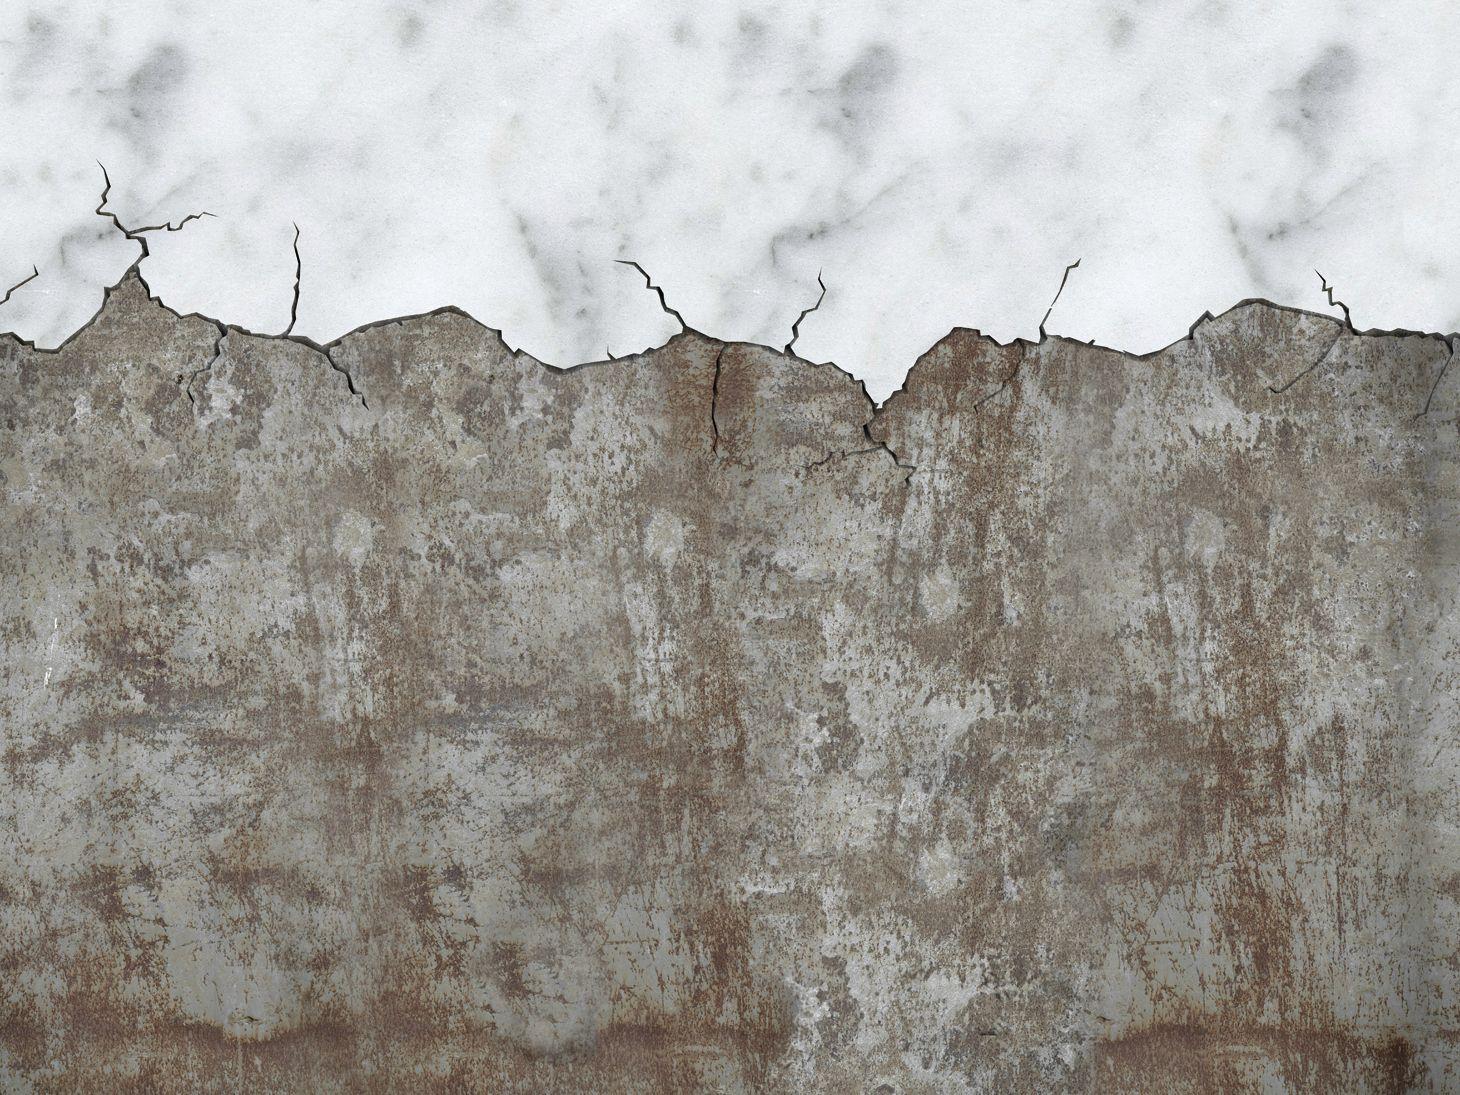 Carta da parati effetto muro per esterni crack by wall for Carta da parati effetto muro